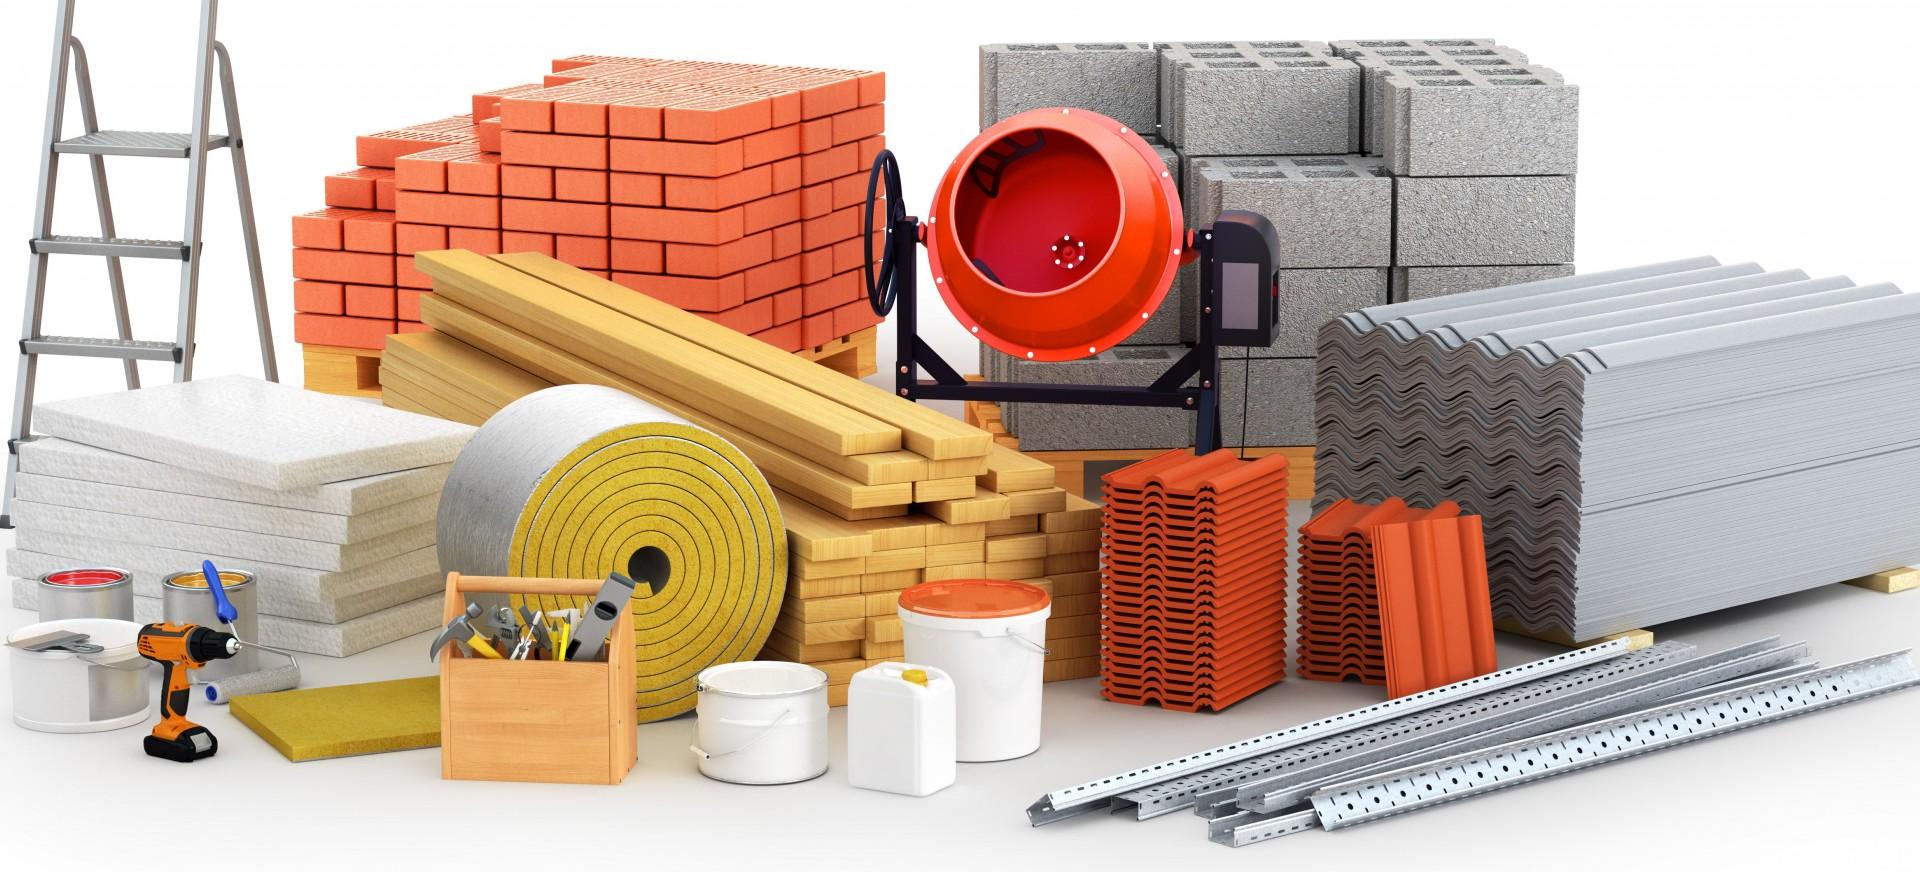 STARMAT, Groupement de négoces en matériaux en construction indépendant et libre